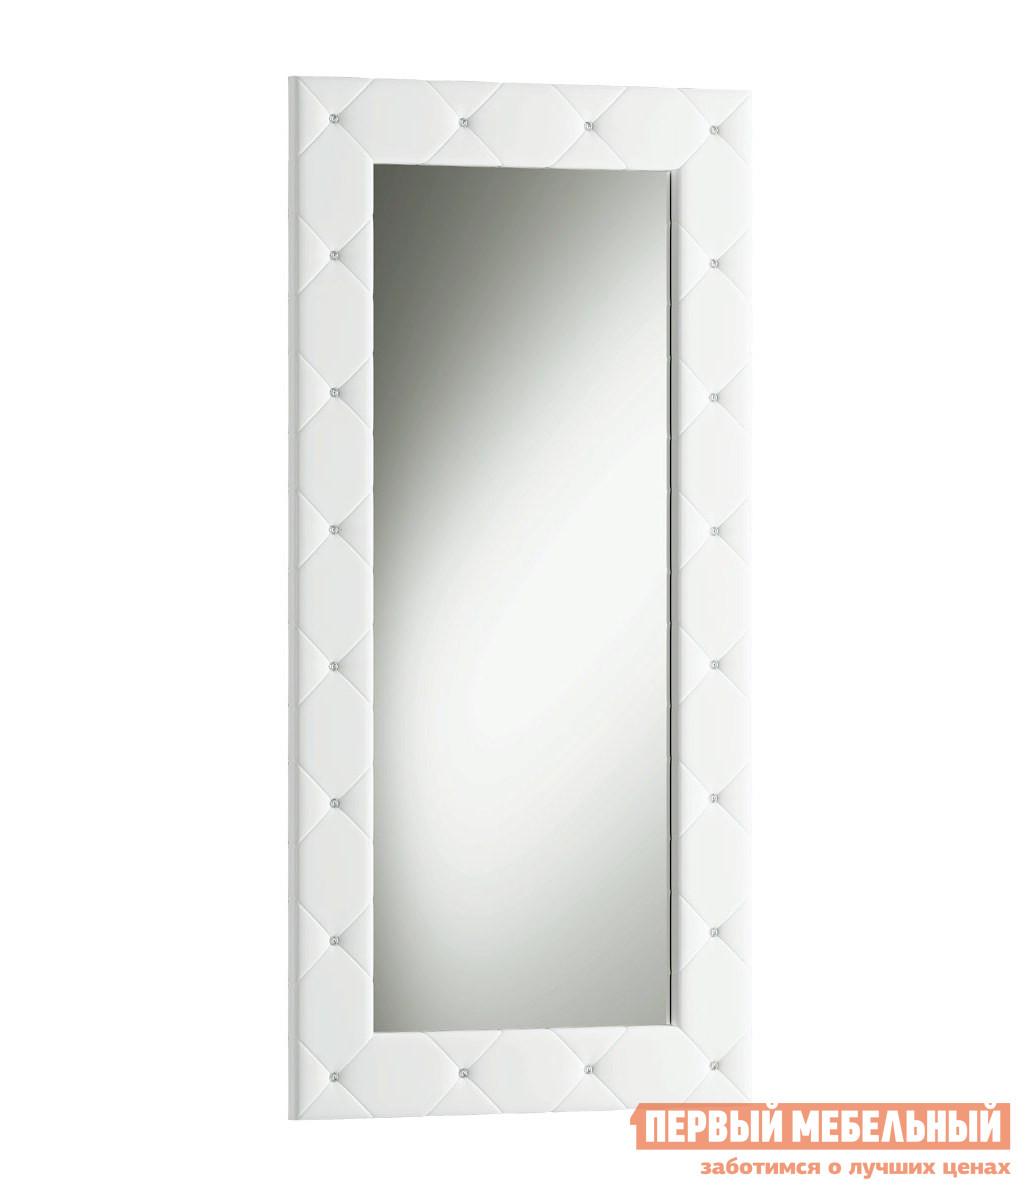 Напольное зеркало ОГОГО Обстановочка! Зеркало Kristal Экокожа белаяНапольные зеркала<br>Габаритные размеры ВхШхГ 1970x940x45 мм. Шикарное напольное зеркало в раме декорированной экокожей с переливающимися стразами Swarovski.  Выбор настоящих королевских особ.  Ваше отражение в нём сразу же примет благородную осанку и величественный вид. Для предотвращения падения зеркала нижняя кромка оснащена подпятниками, а на задней стенке есть специальные навесы для крепления к стене. Корпус изготовлен из ЛДСП, рама — МДФ, обитая экокожей. Обратите внимание! Зеркало поставляется в собранном виде, в стоимость сборки включено крепление верхней части к стене для лучшей устойчивости.<br><br>Цвет: Экокожа белая<br>Цвет: Белый<br>Высота мм: 1970<br>Ширина мм: 940<br>Глубина мм: 45<br>Форма поставки: В собранном виде<br>Срок гарантии: 2 года<br>Тип: Простые<br>Назначение: Для спальни, В прихожую<br>Материал: Деревянные, из ЛДСП, из МДФ<br>Форма: Прямоугольные<br>Особенности: В полный рост<br>Тип рамы: В раме